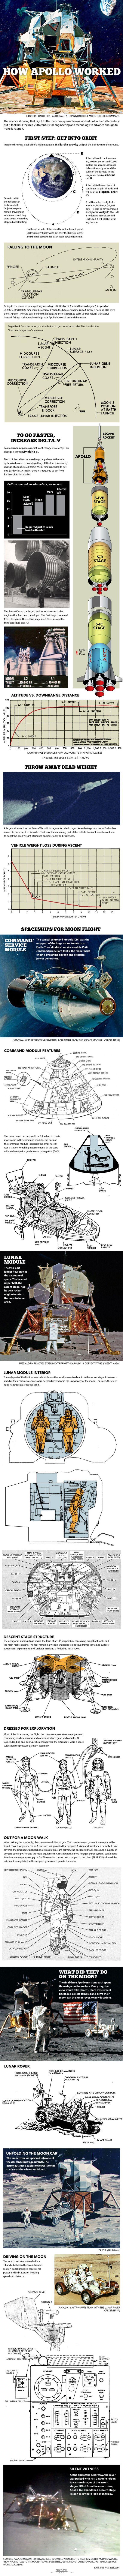 Apollo info graphic